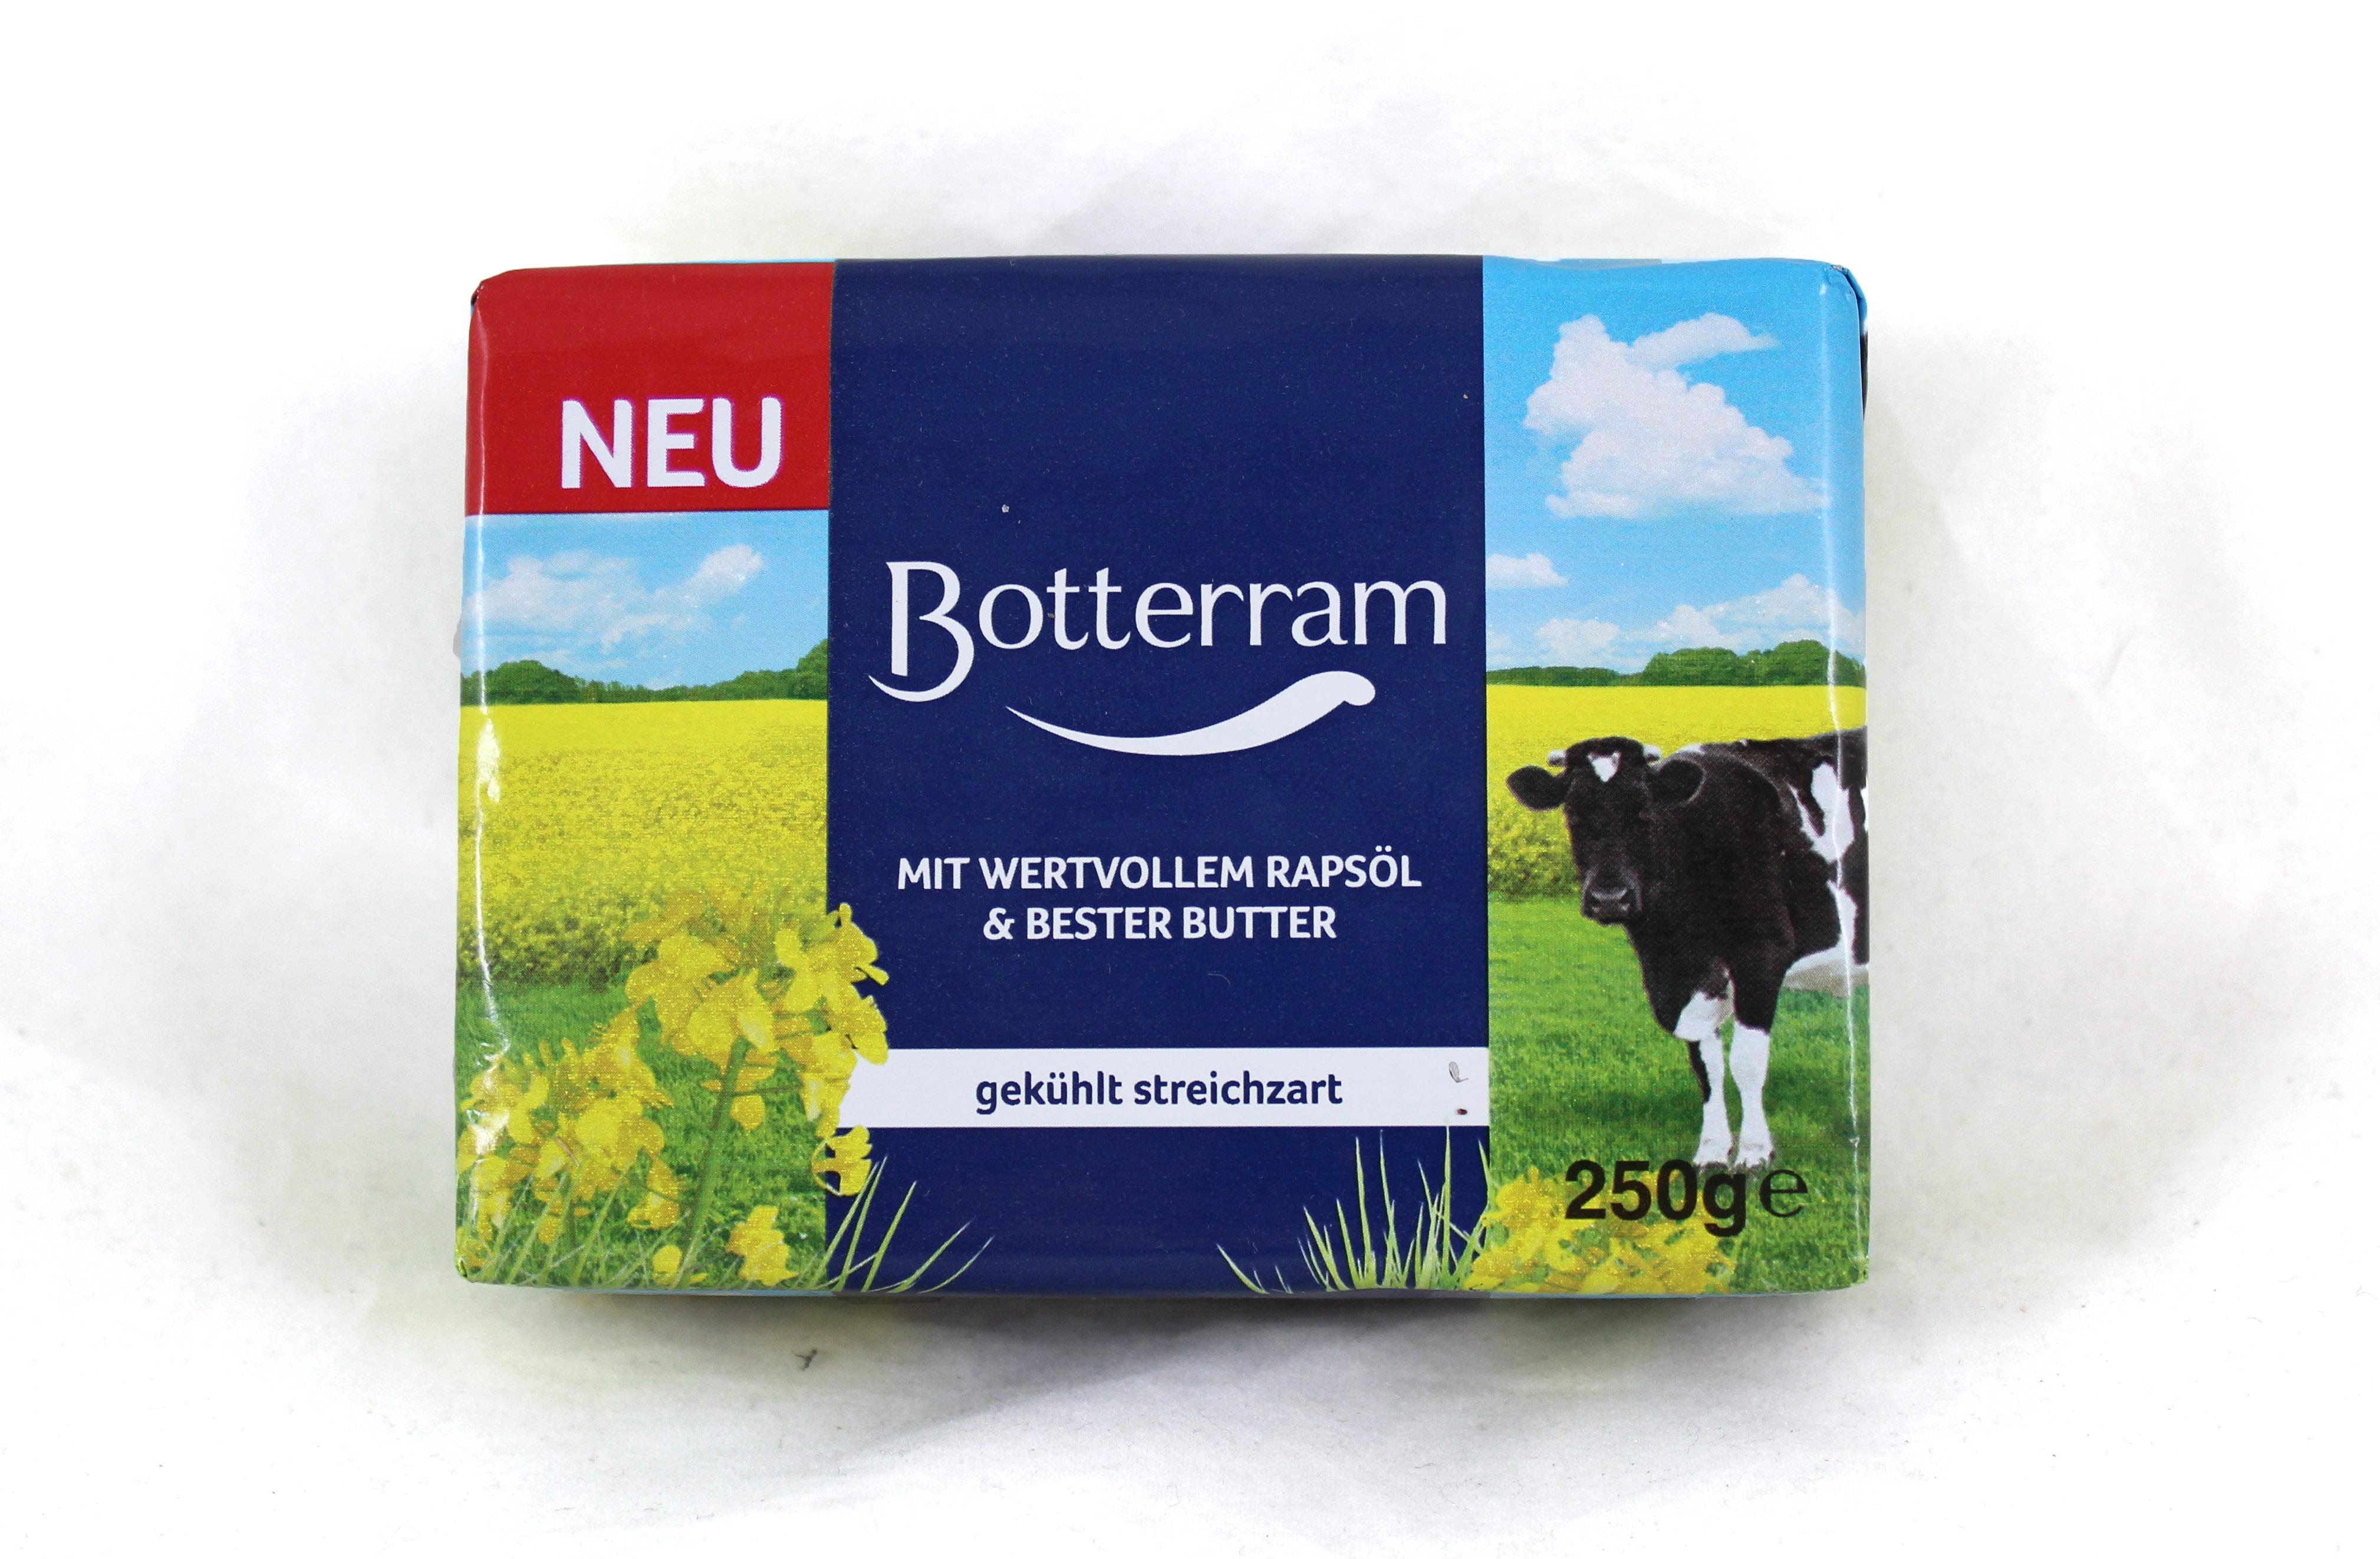 Unilever Produkte